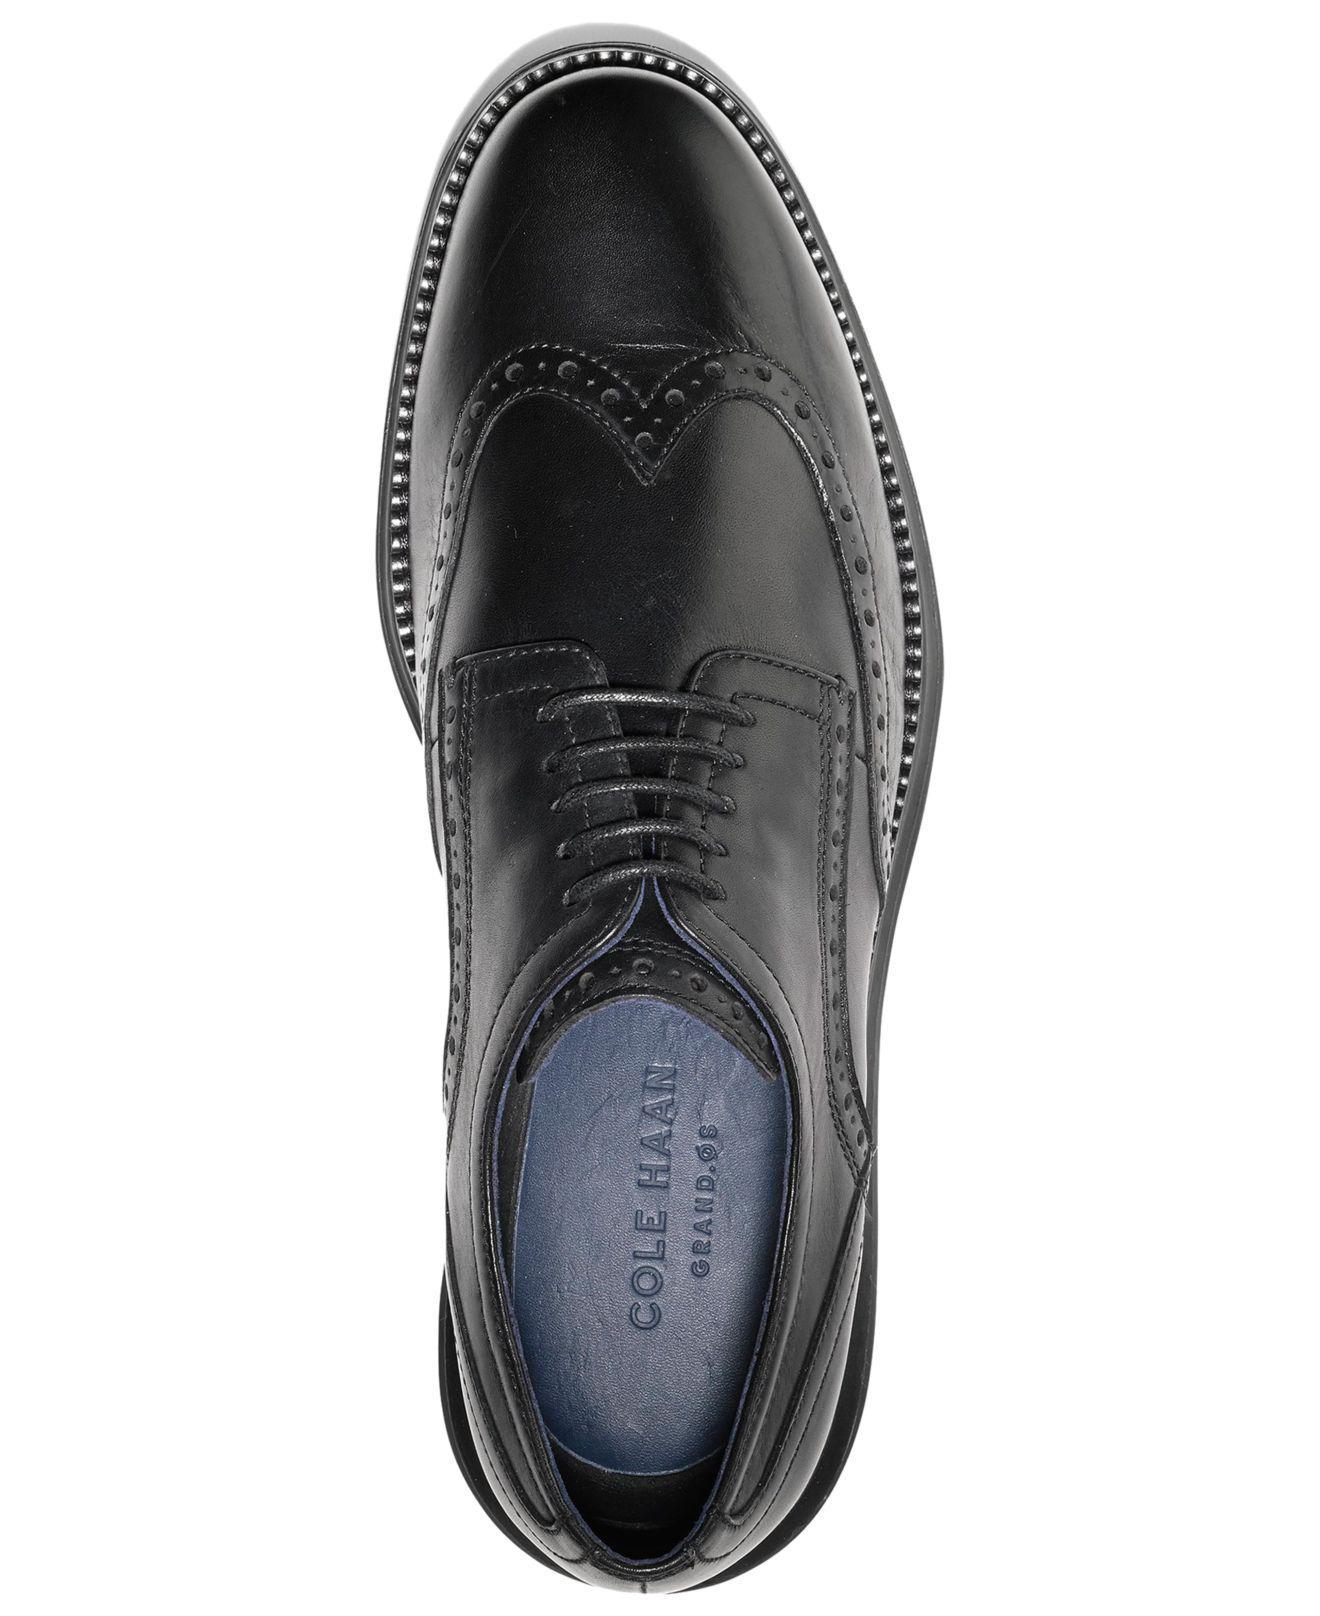 f9c53c0df03bbc Lyst - Cole Haan Original Grand Wing Oxfords in Black for Men